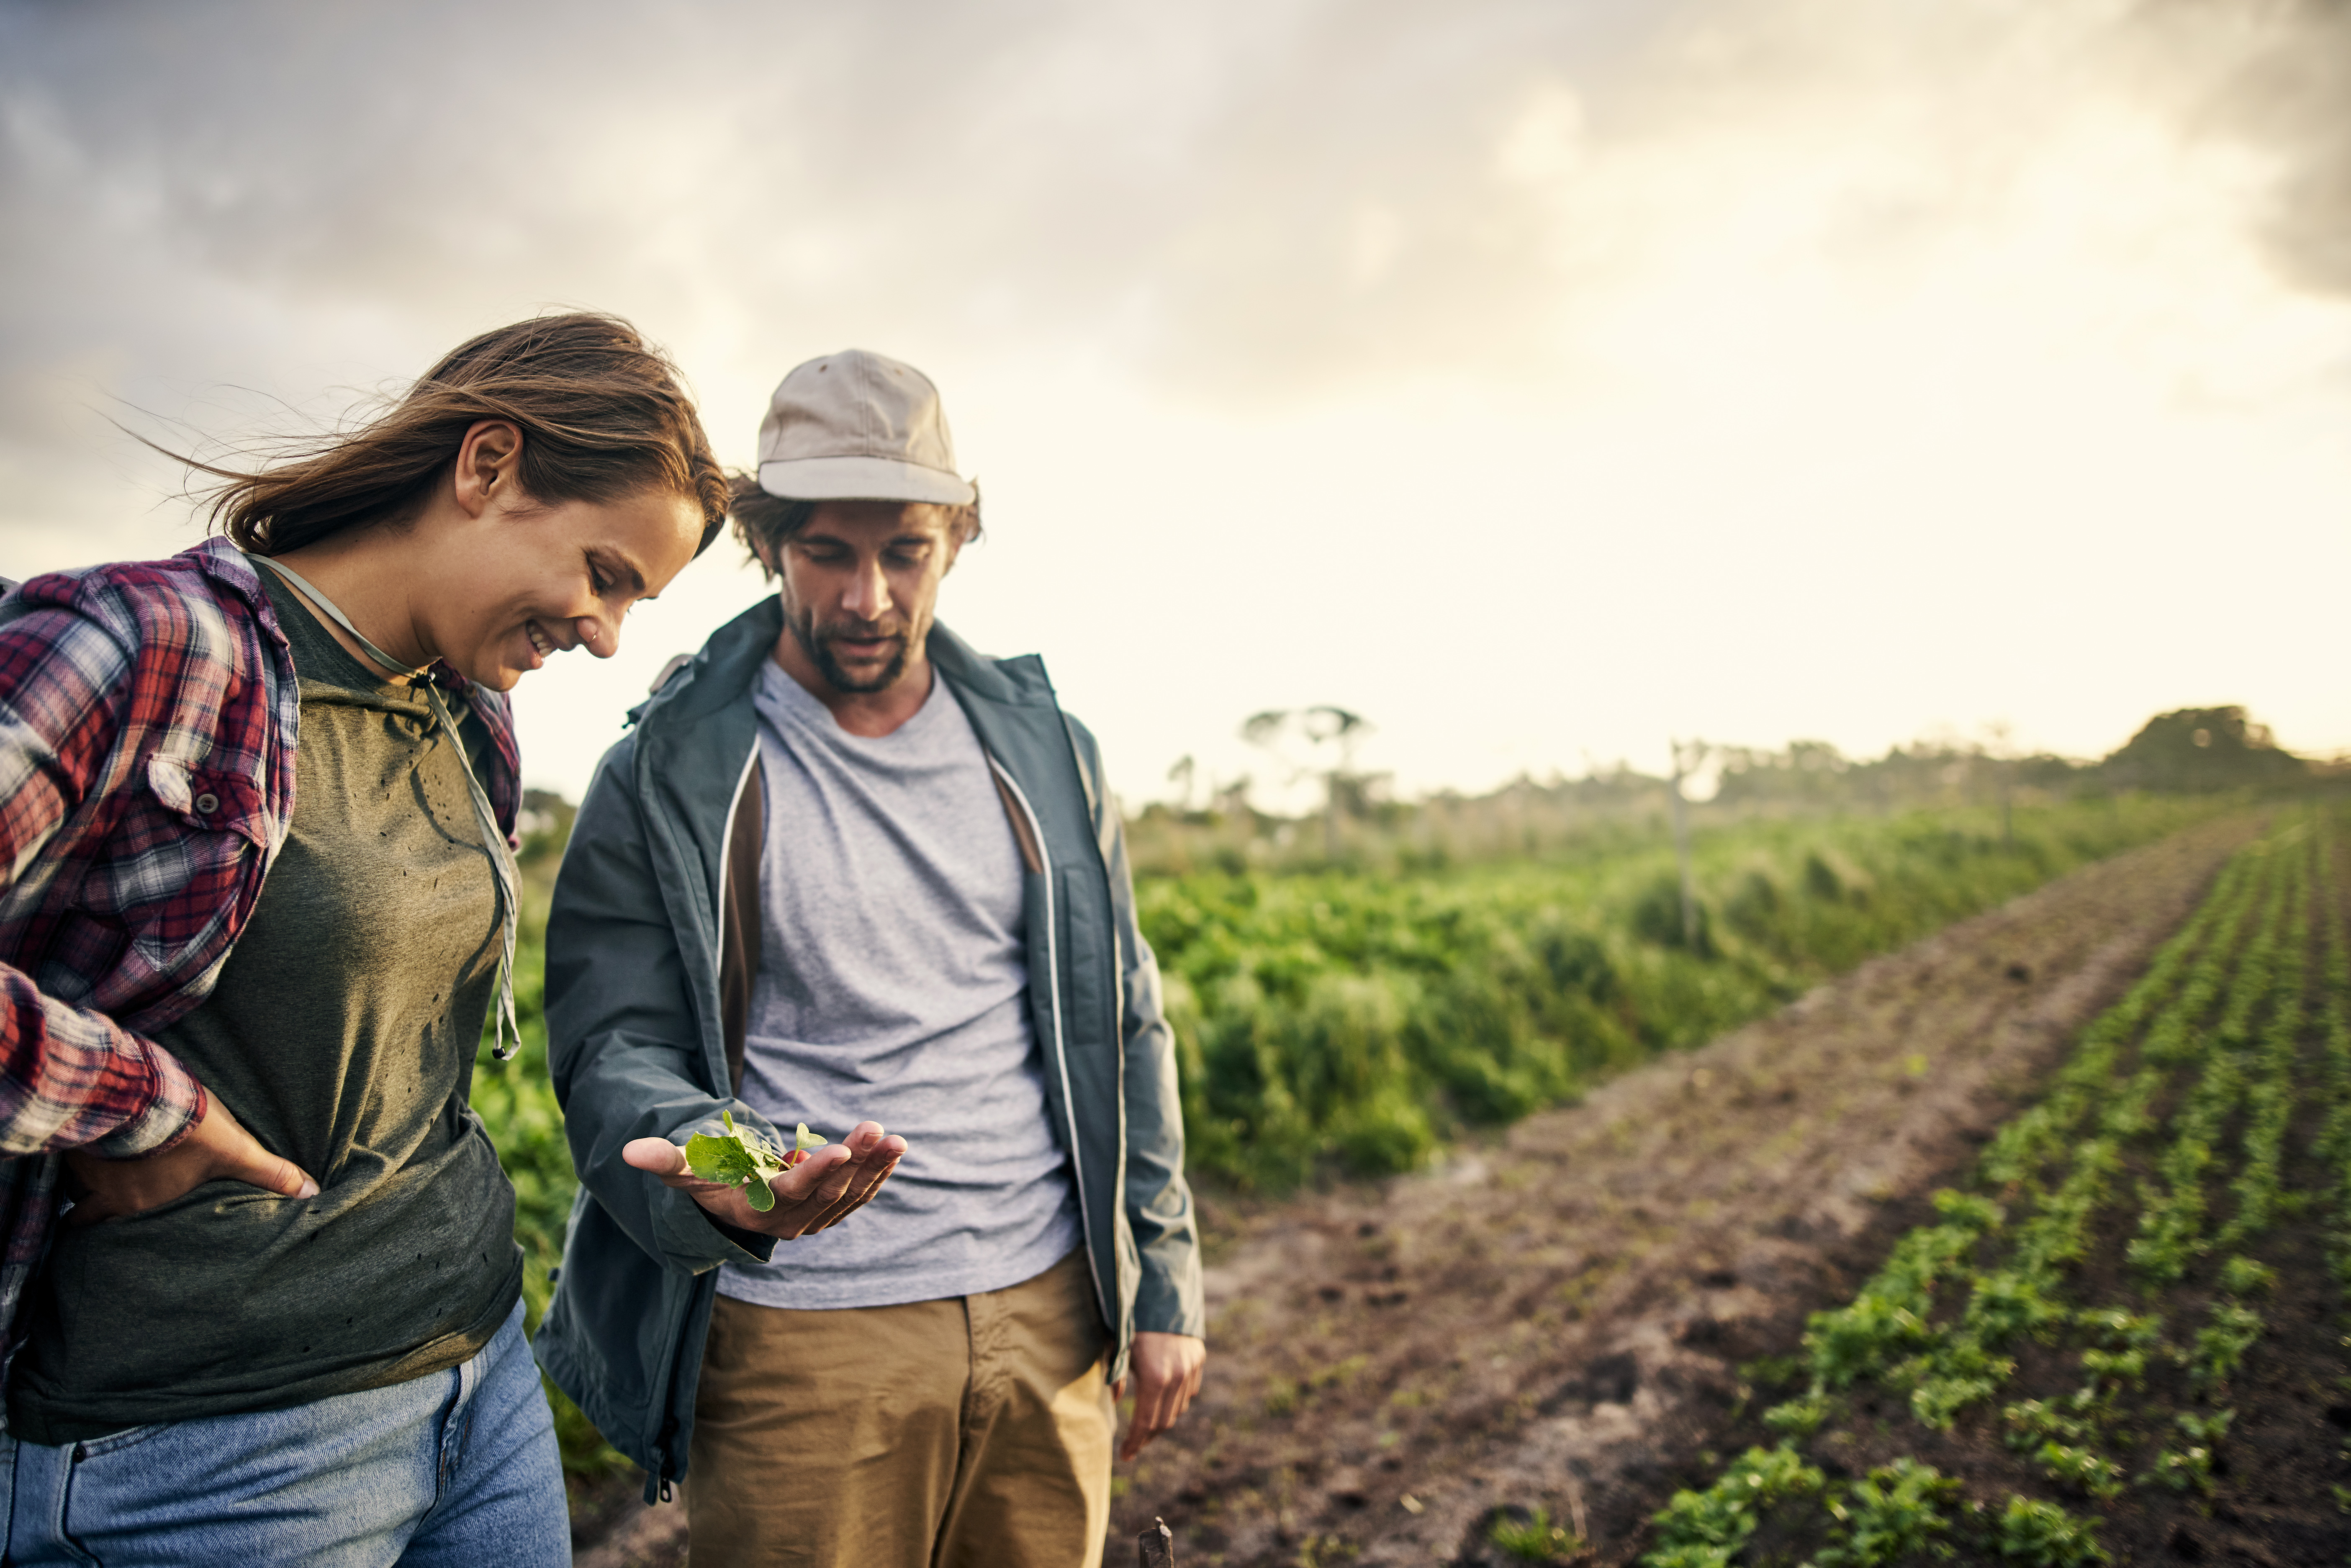 La nutrición sostenible podría salvar al planeta